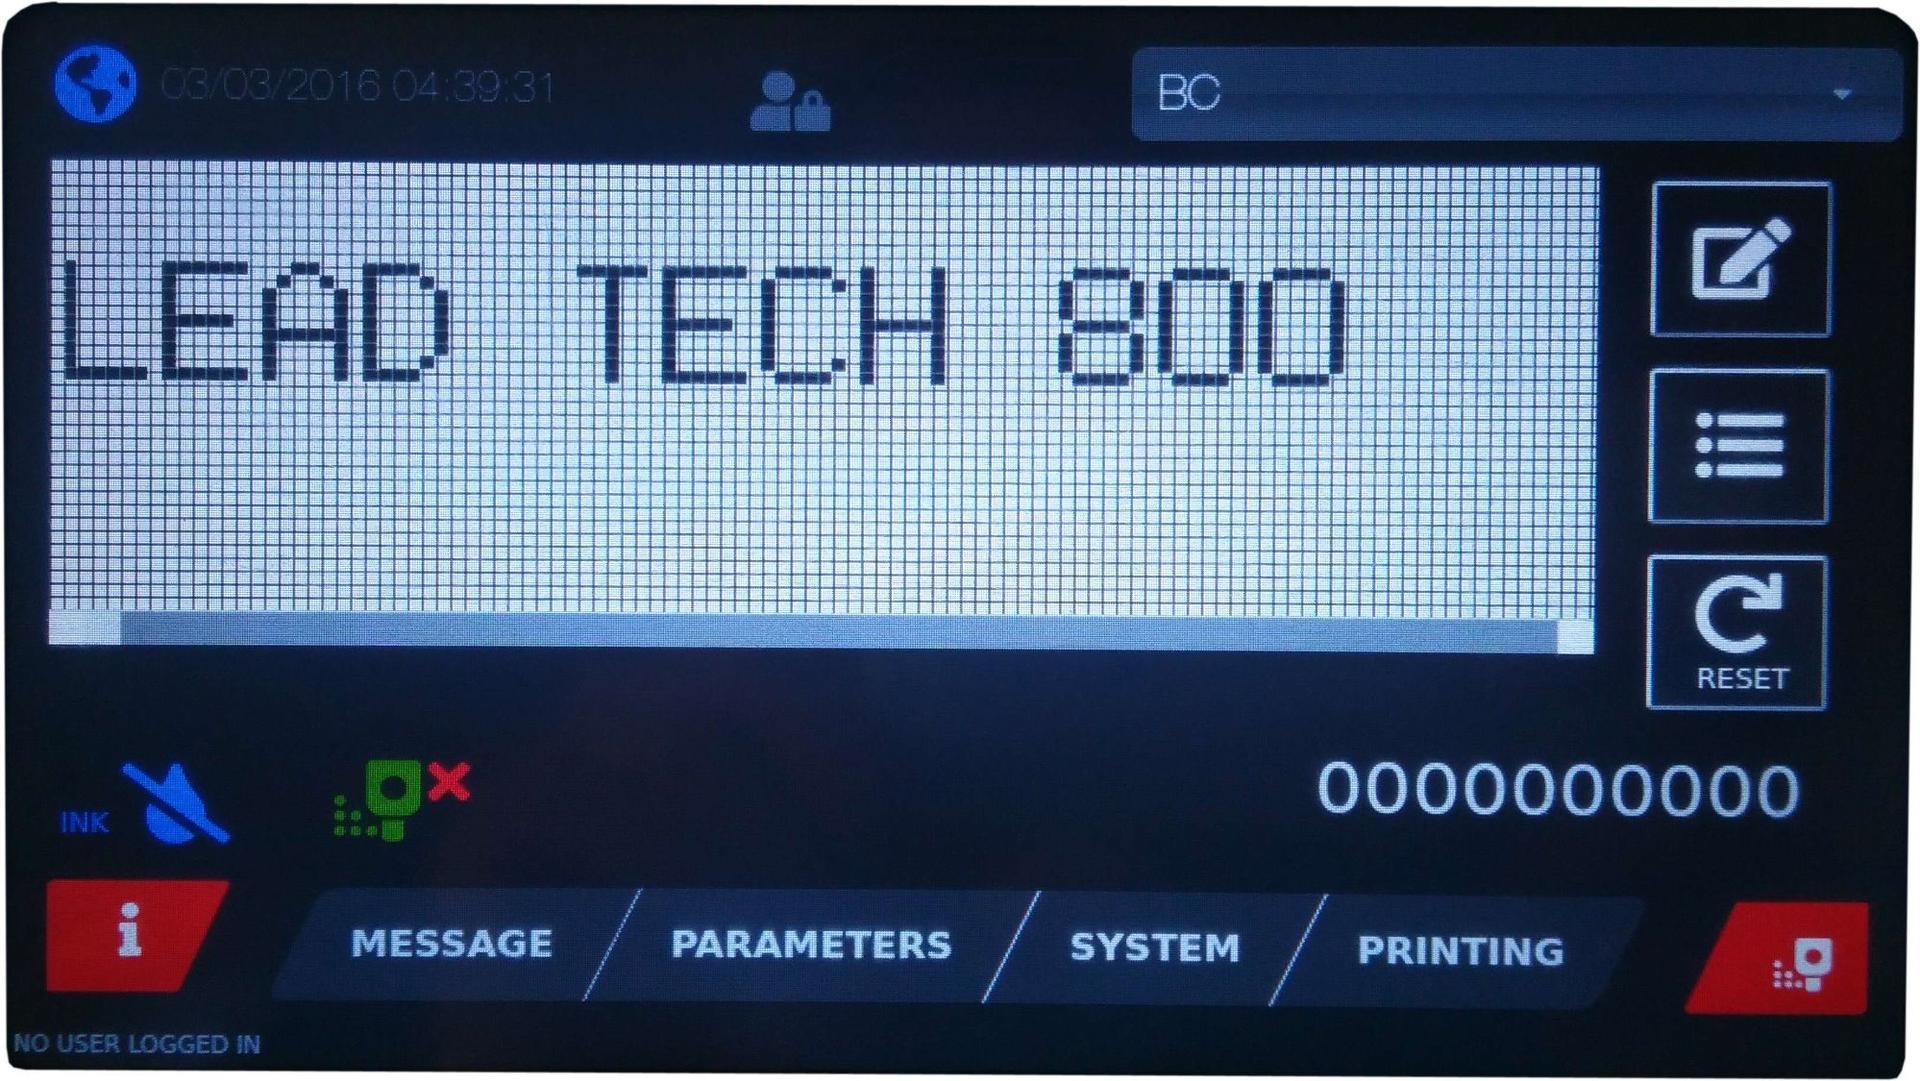 Lead Tech Lt800 Egg Exp Date Coding Cij Inkjet Printer